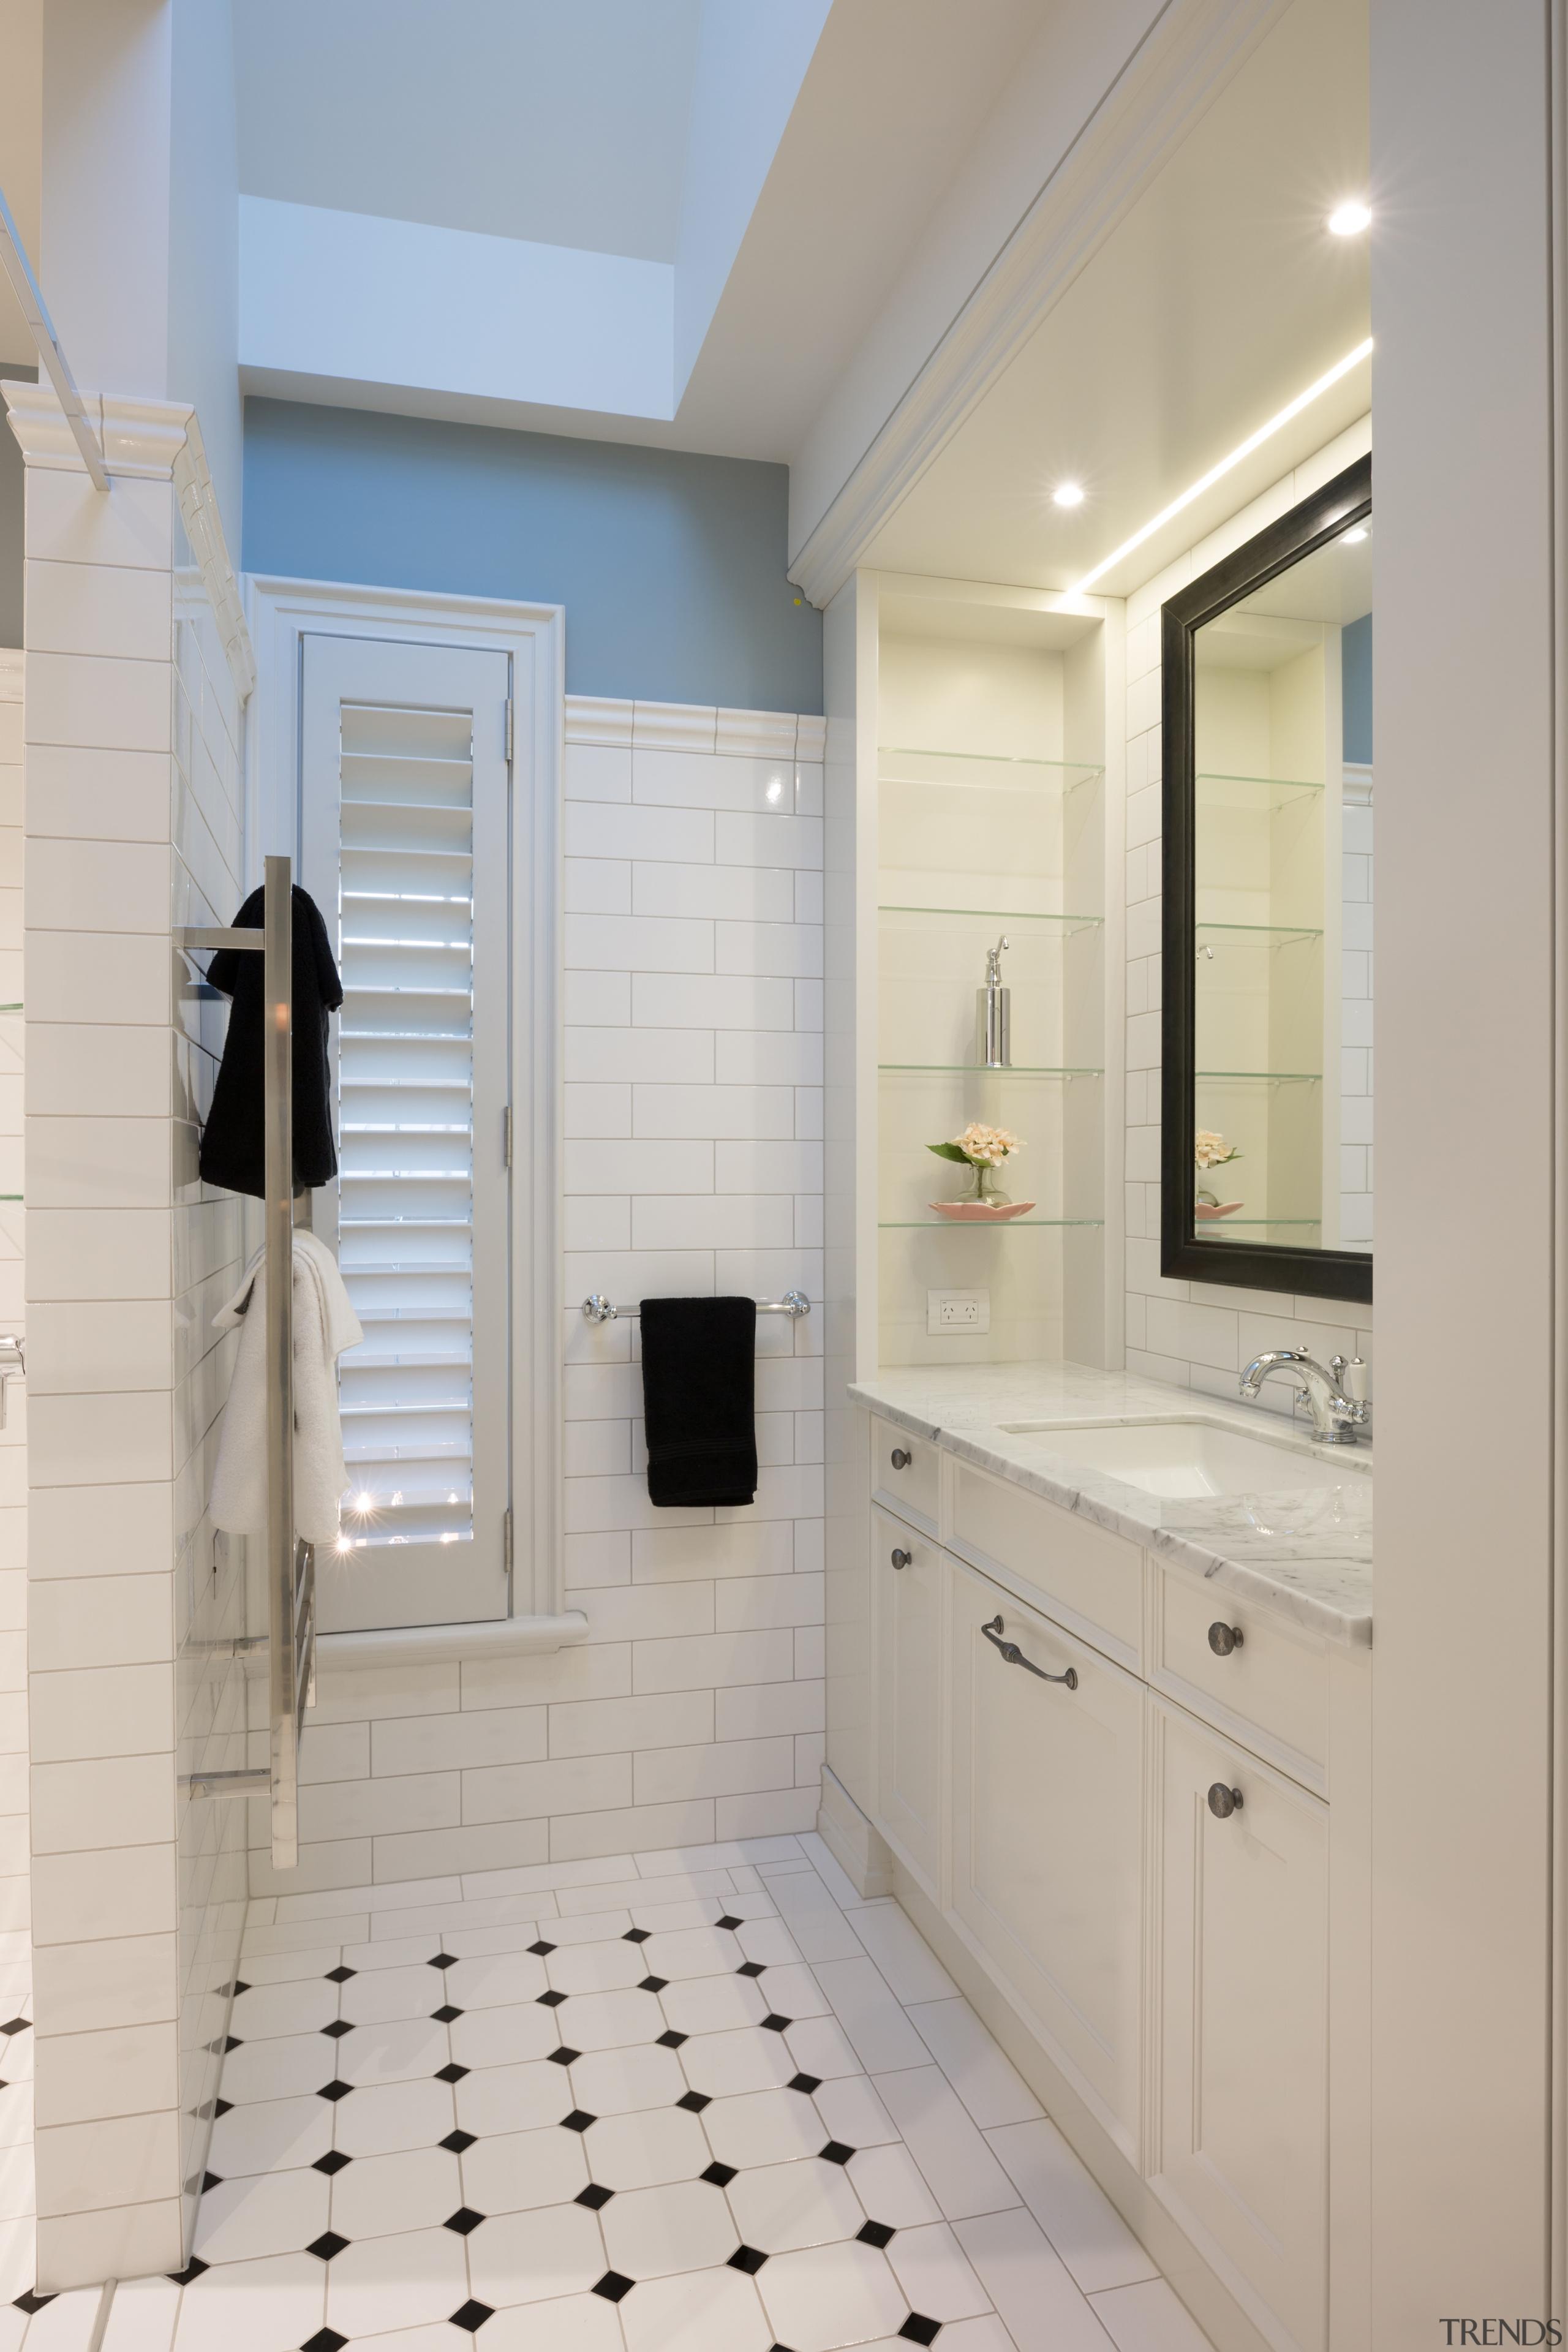 Campbells Bay - bathroom   bathroom accessory   bathroom, bathroom accessory, bathroom cabinet, cabinetry, countertop, floor, interior design, room, sink, gray